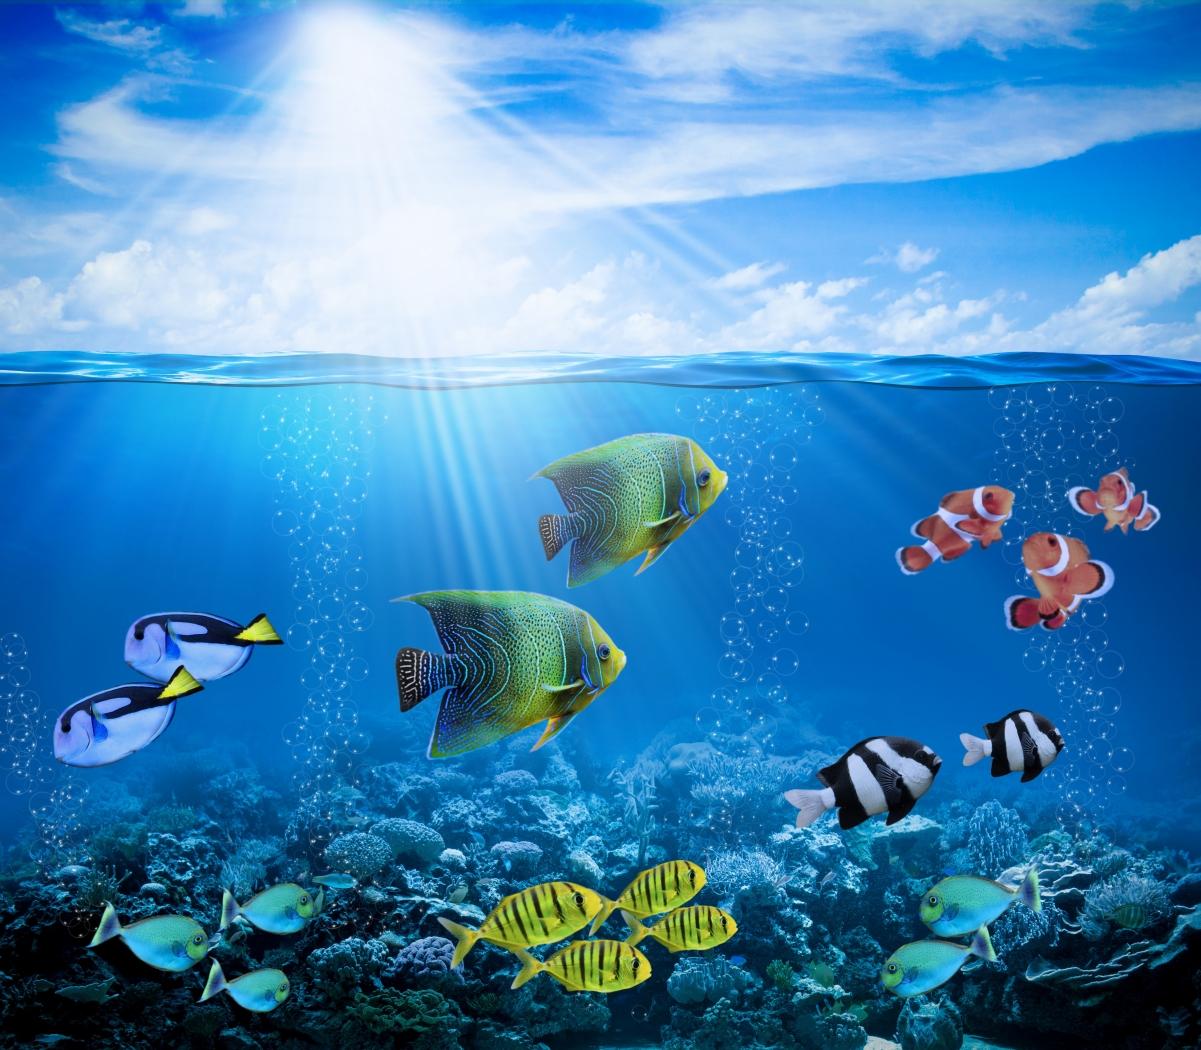 珊瑚礁,水下,海洋,鱼的照片